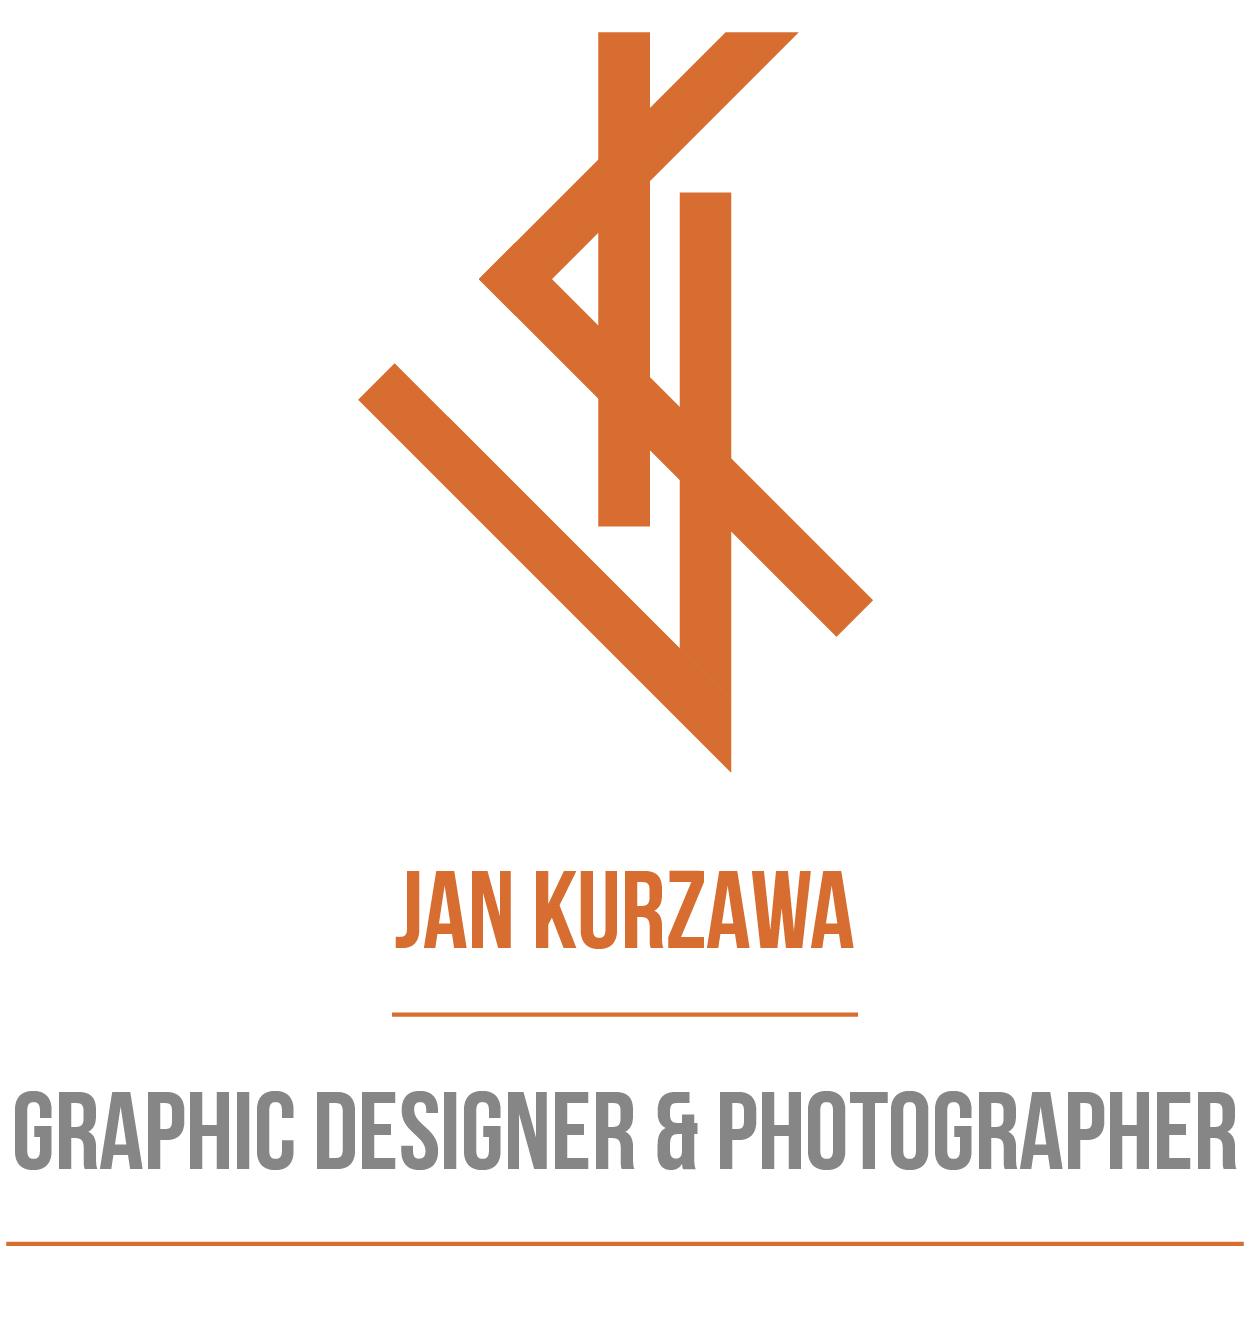 Jan Kurzawa